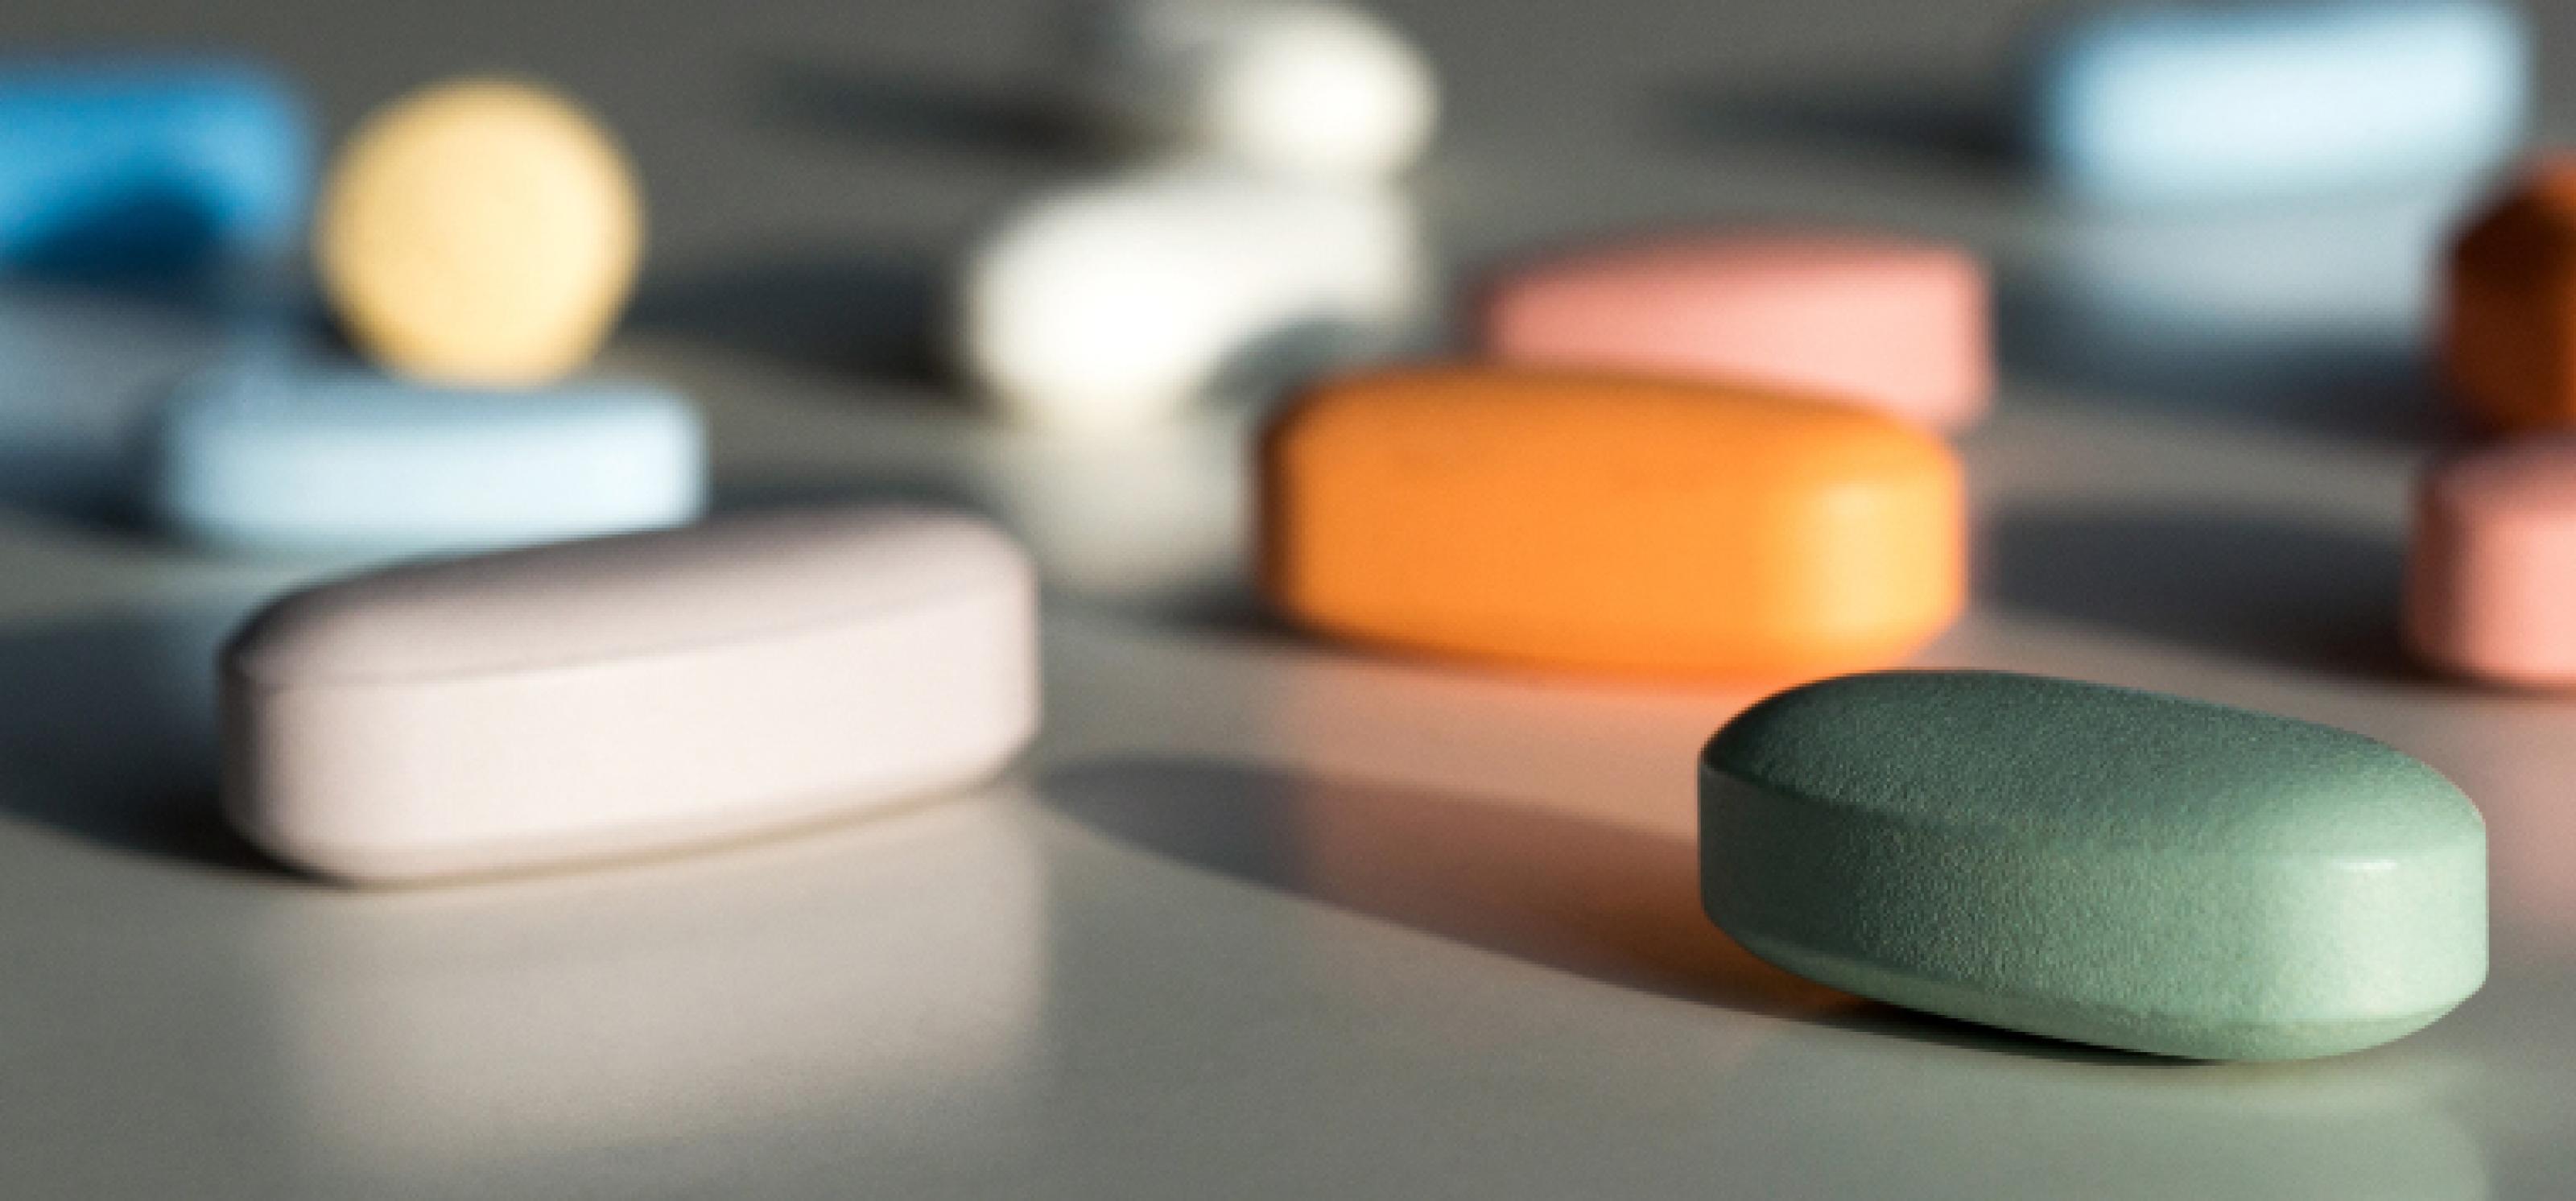 Eine Mischung von Medikamenten zur Behandlung von HIV liegen auf einem Tisch